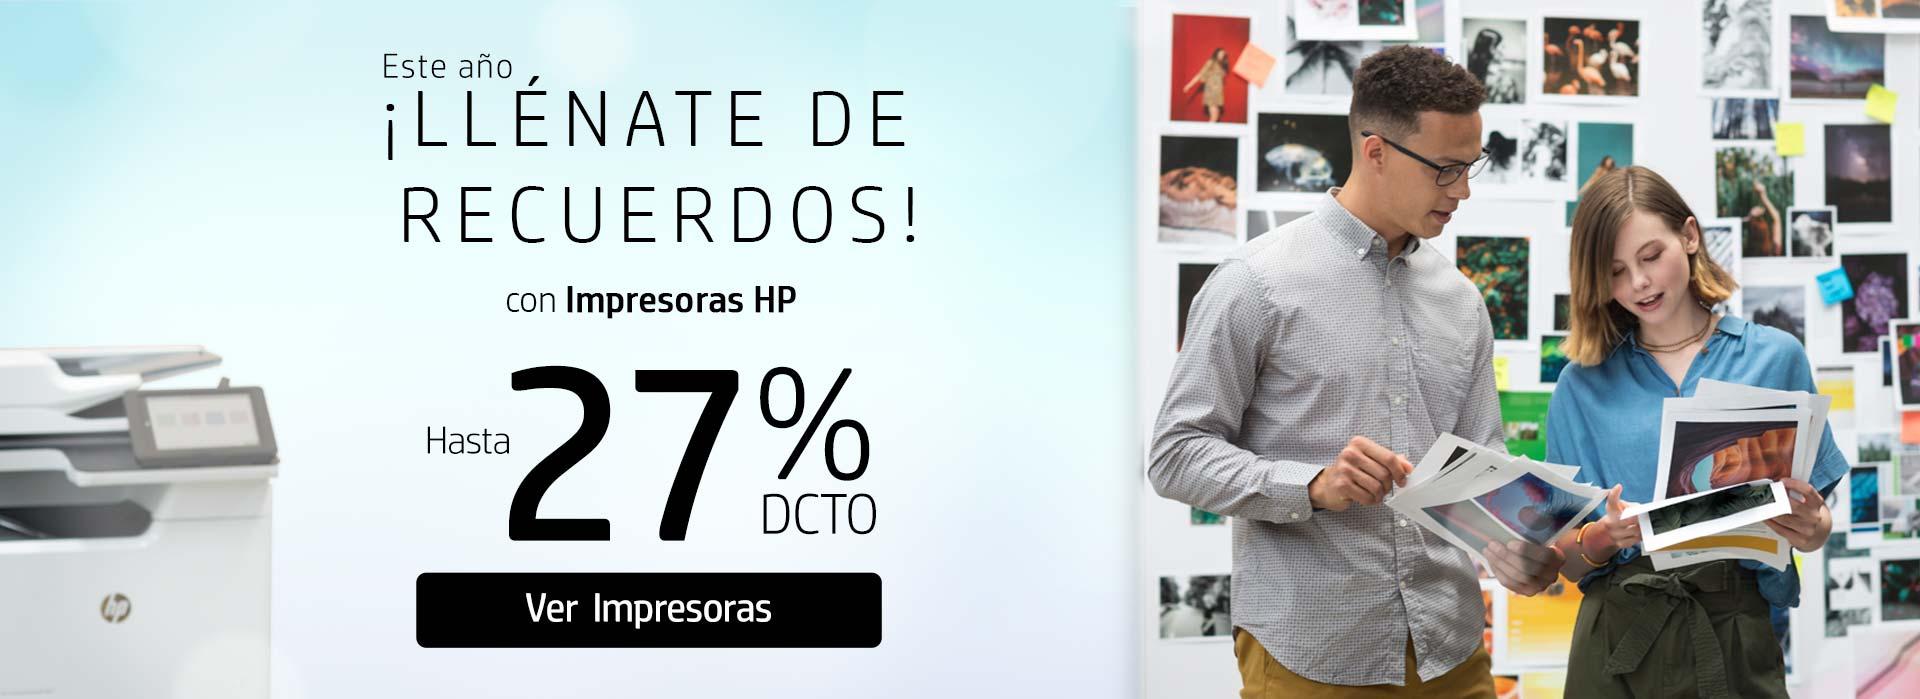 Este año llénate de recuerdos con Impresoras HP con hasta 27% dto